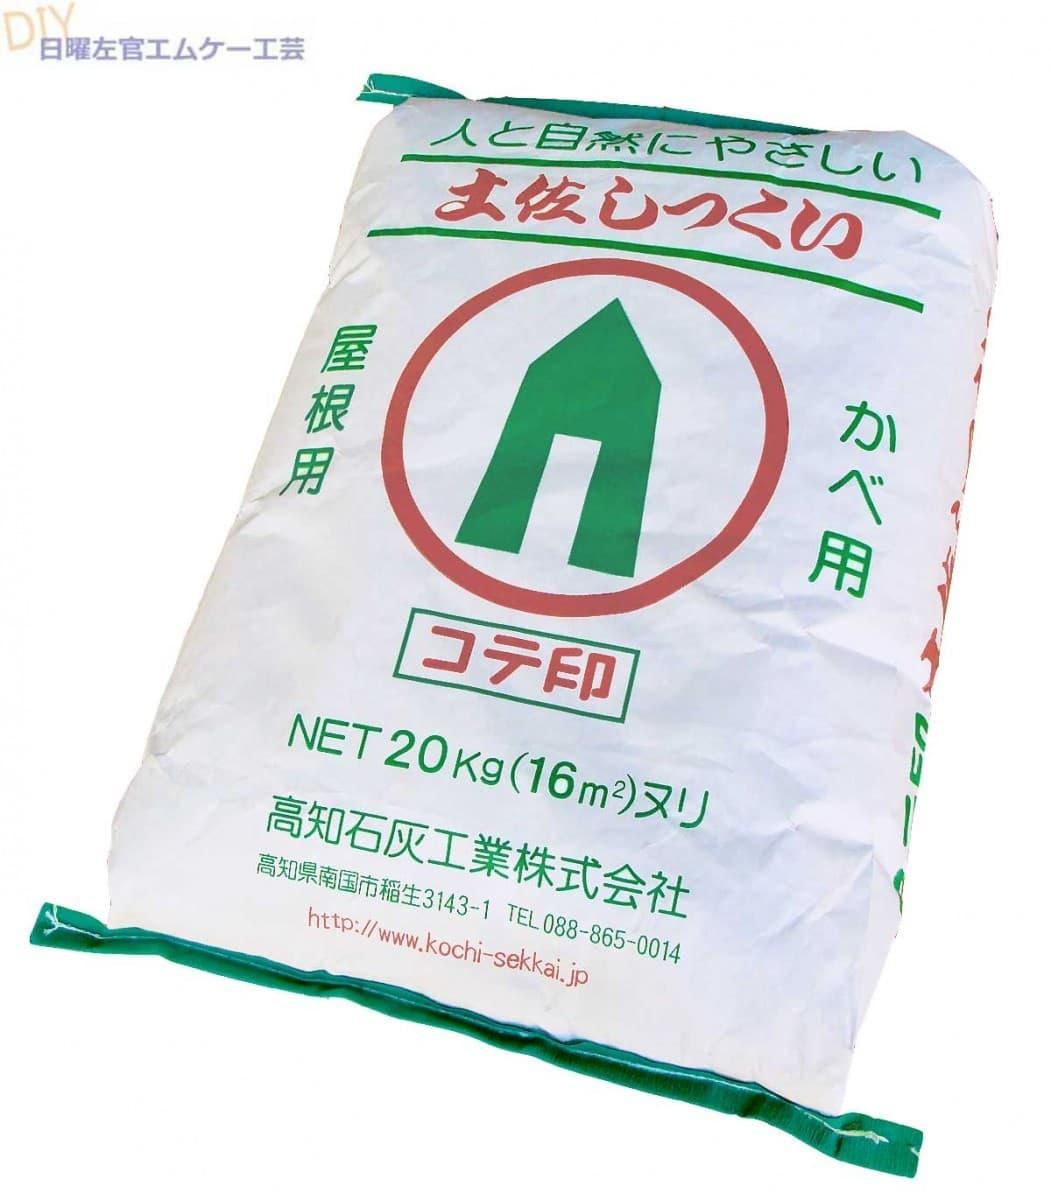 高知石灰 コテ印土佐しっくい 屋根瓦用 20kg/袋